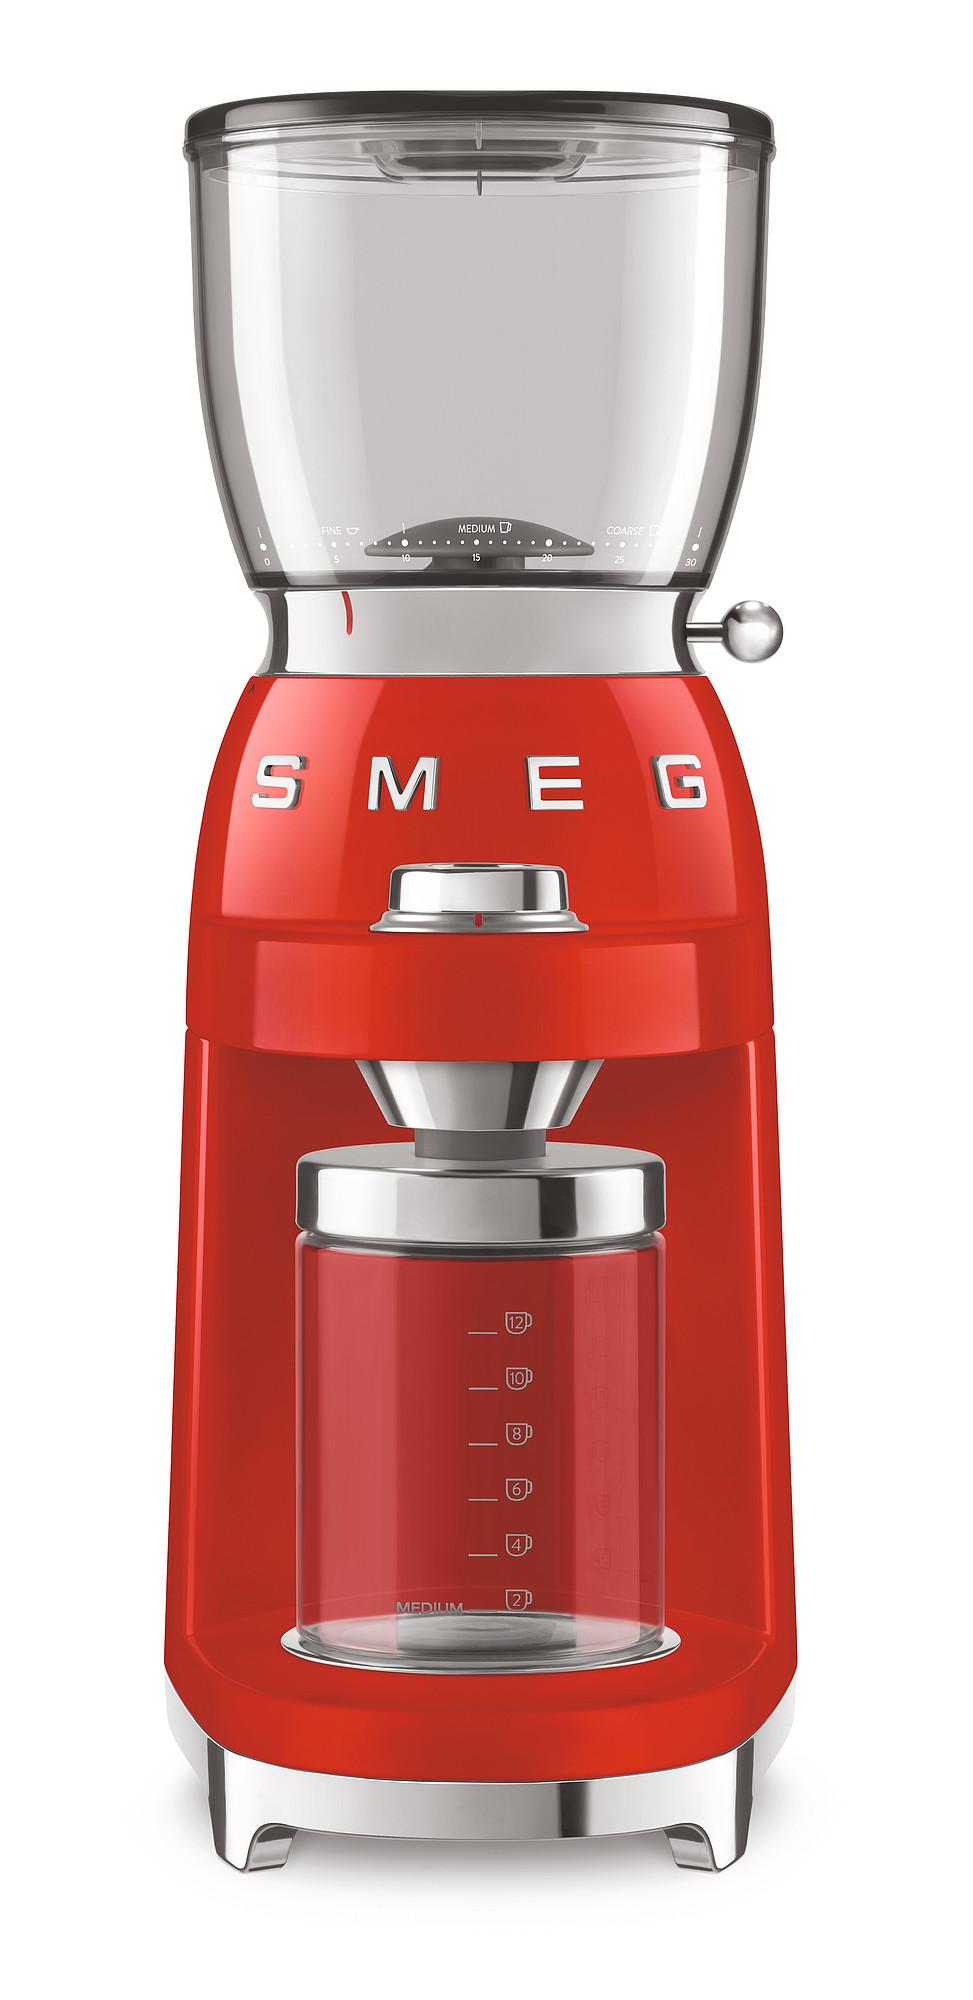 SMEG Kaffeemühle rot